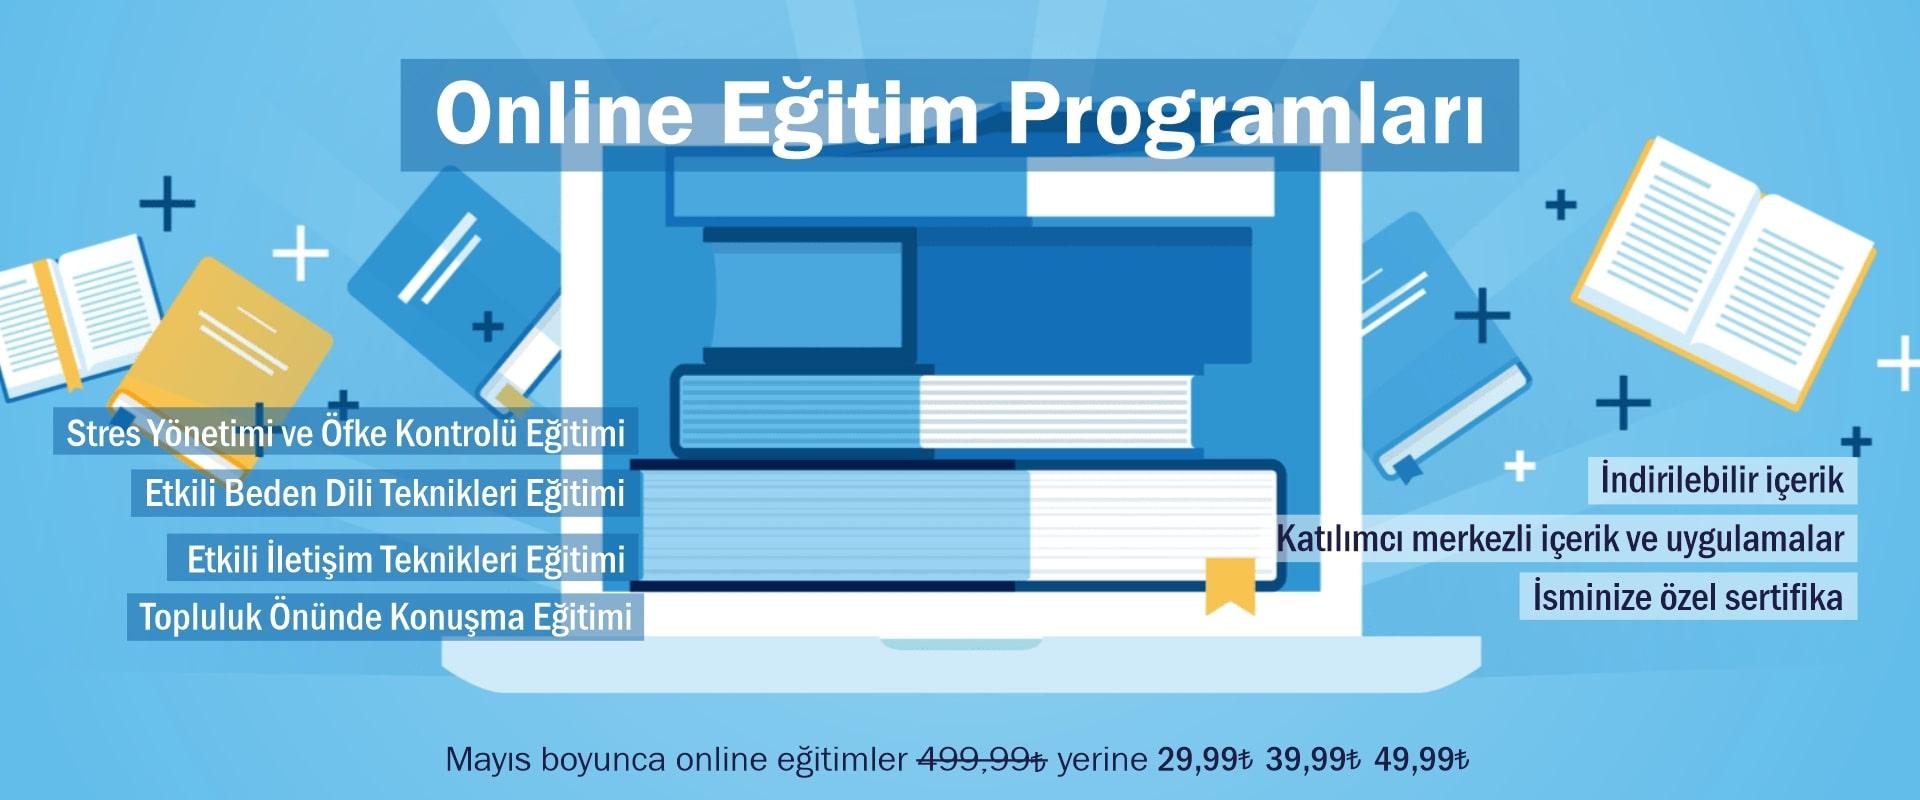 Online Eğitimler Online Kişisel Gelişim Eğitimleri Online Kurumsal Eğitimler Online Etkili İletişim Teknikleri Eğitimi Online Etkili Beden Dili Online Stres Yönetimi ve Öfke Kontrolü Online Topluluk Önünde Konuşma